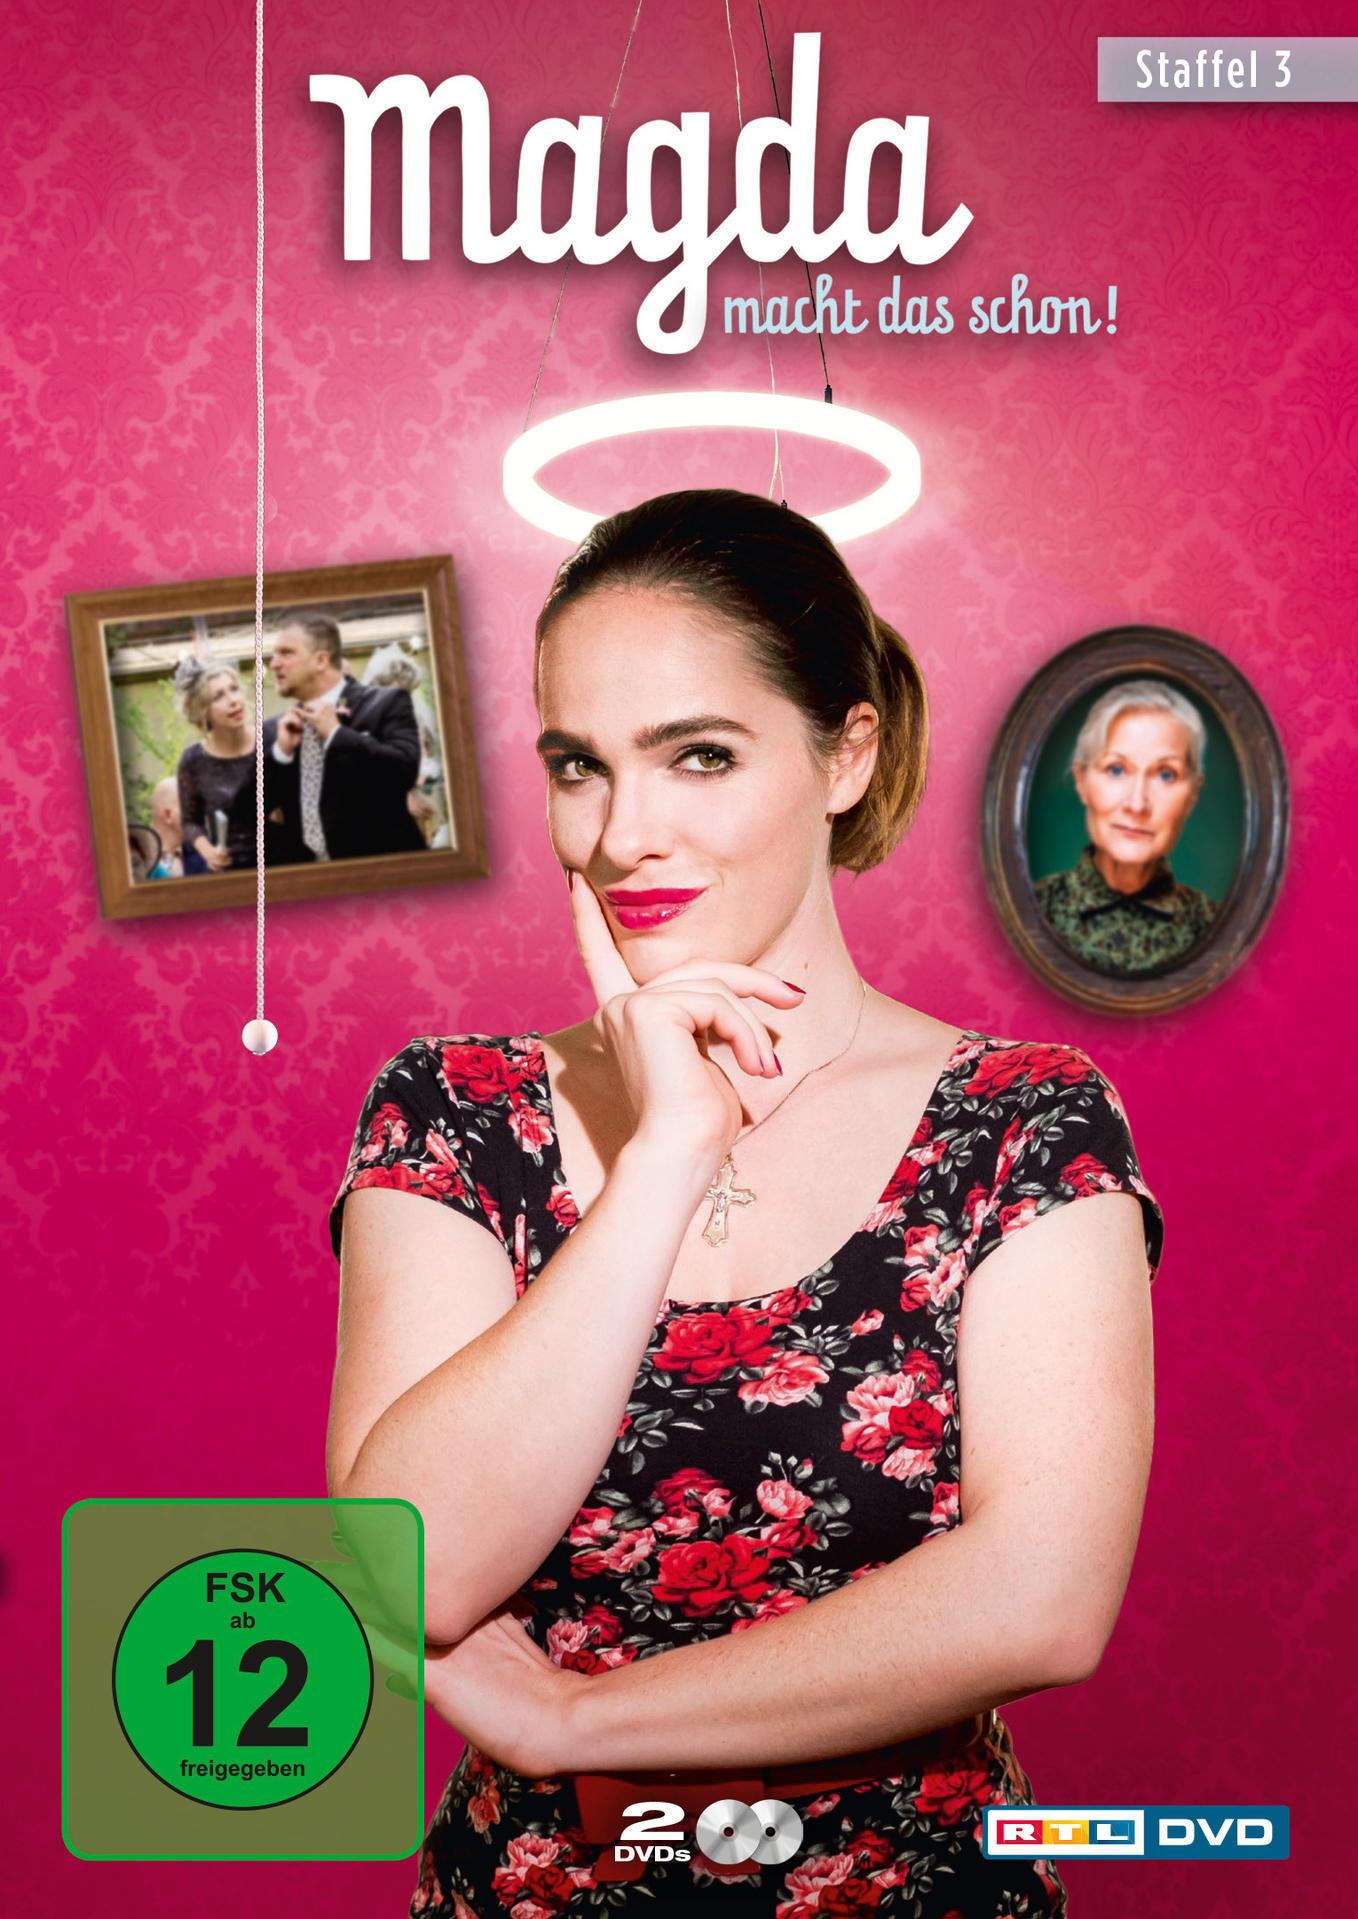 Magda macht das schon! - Staffel 3 (DVD) für 14,99 Euro